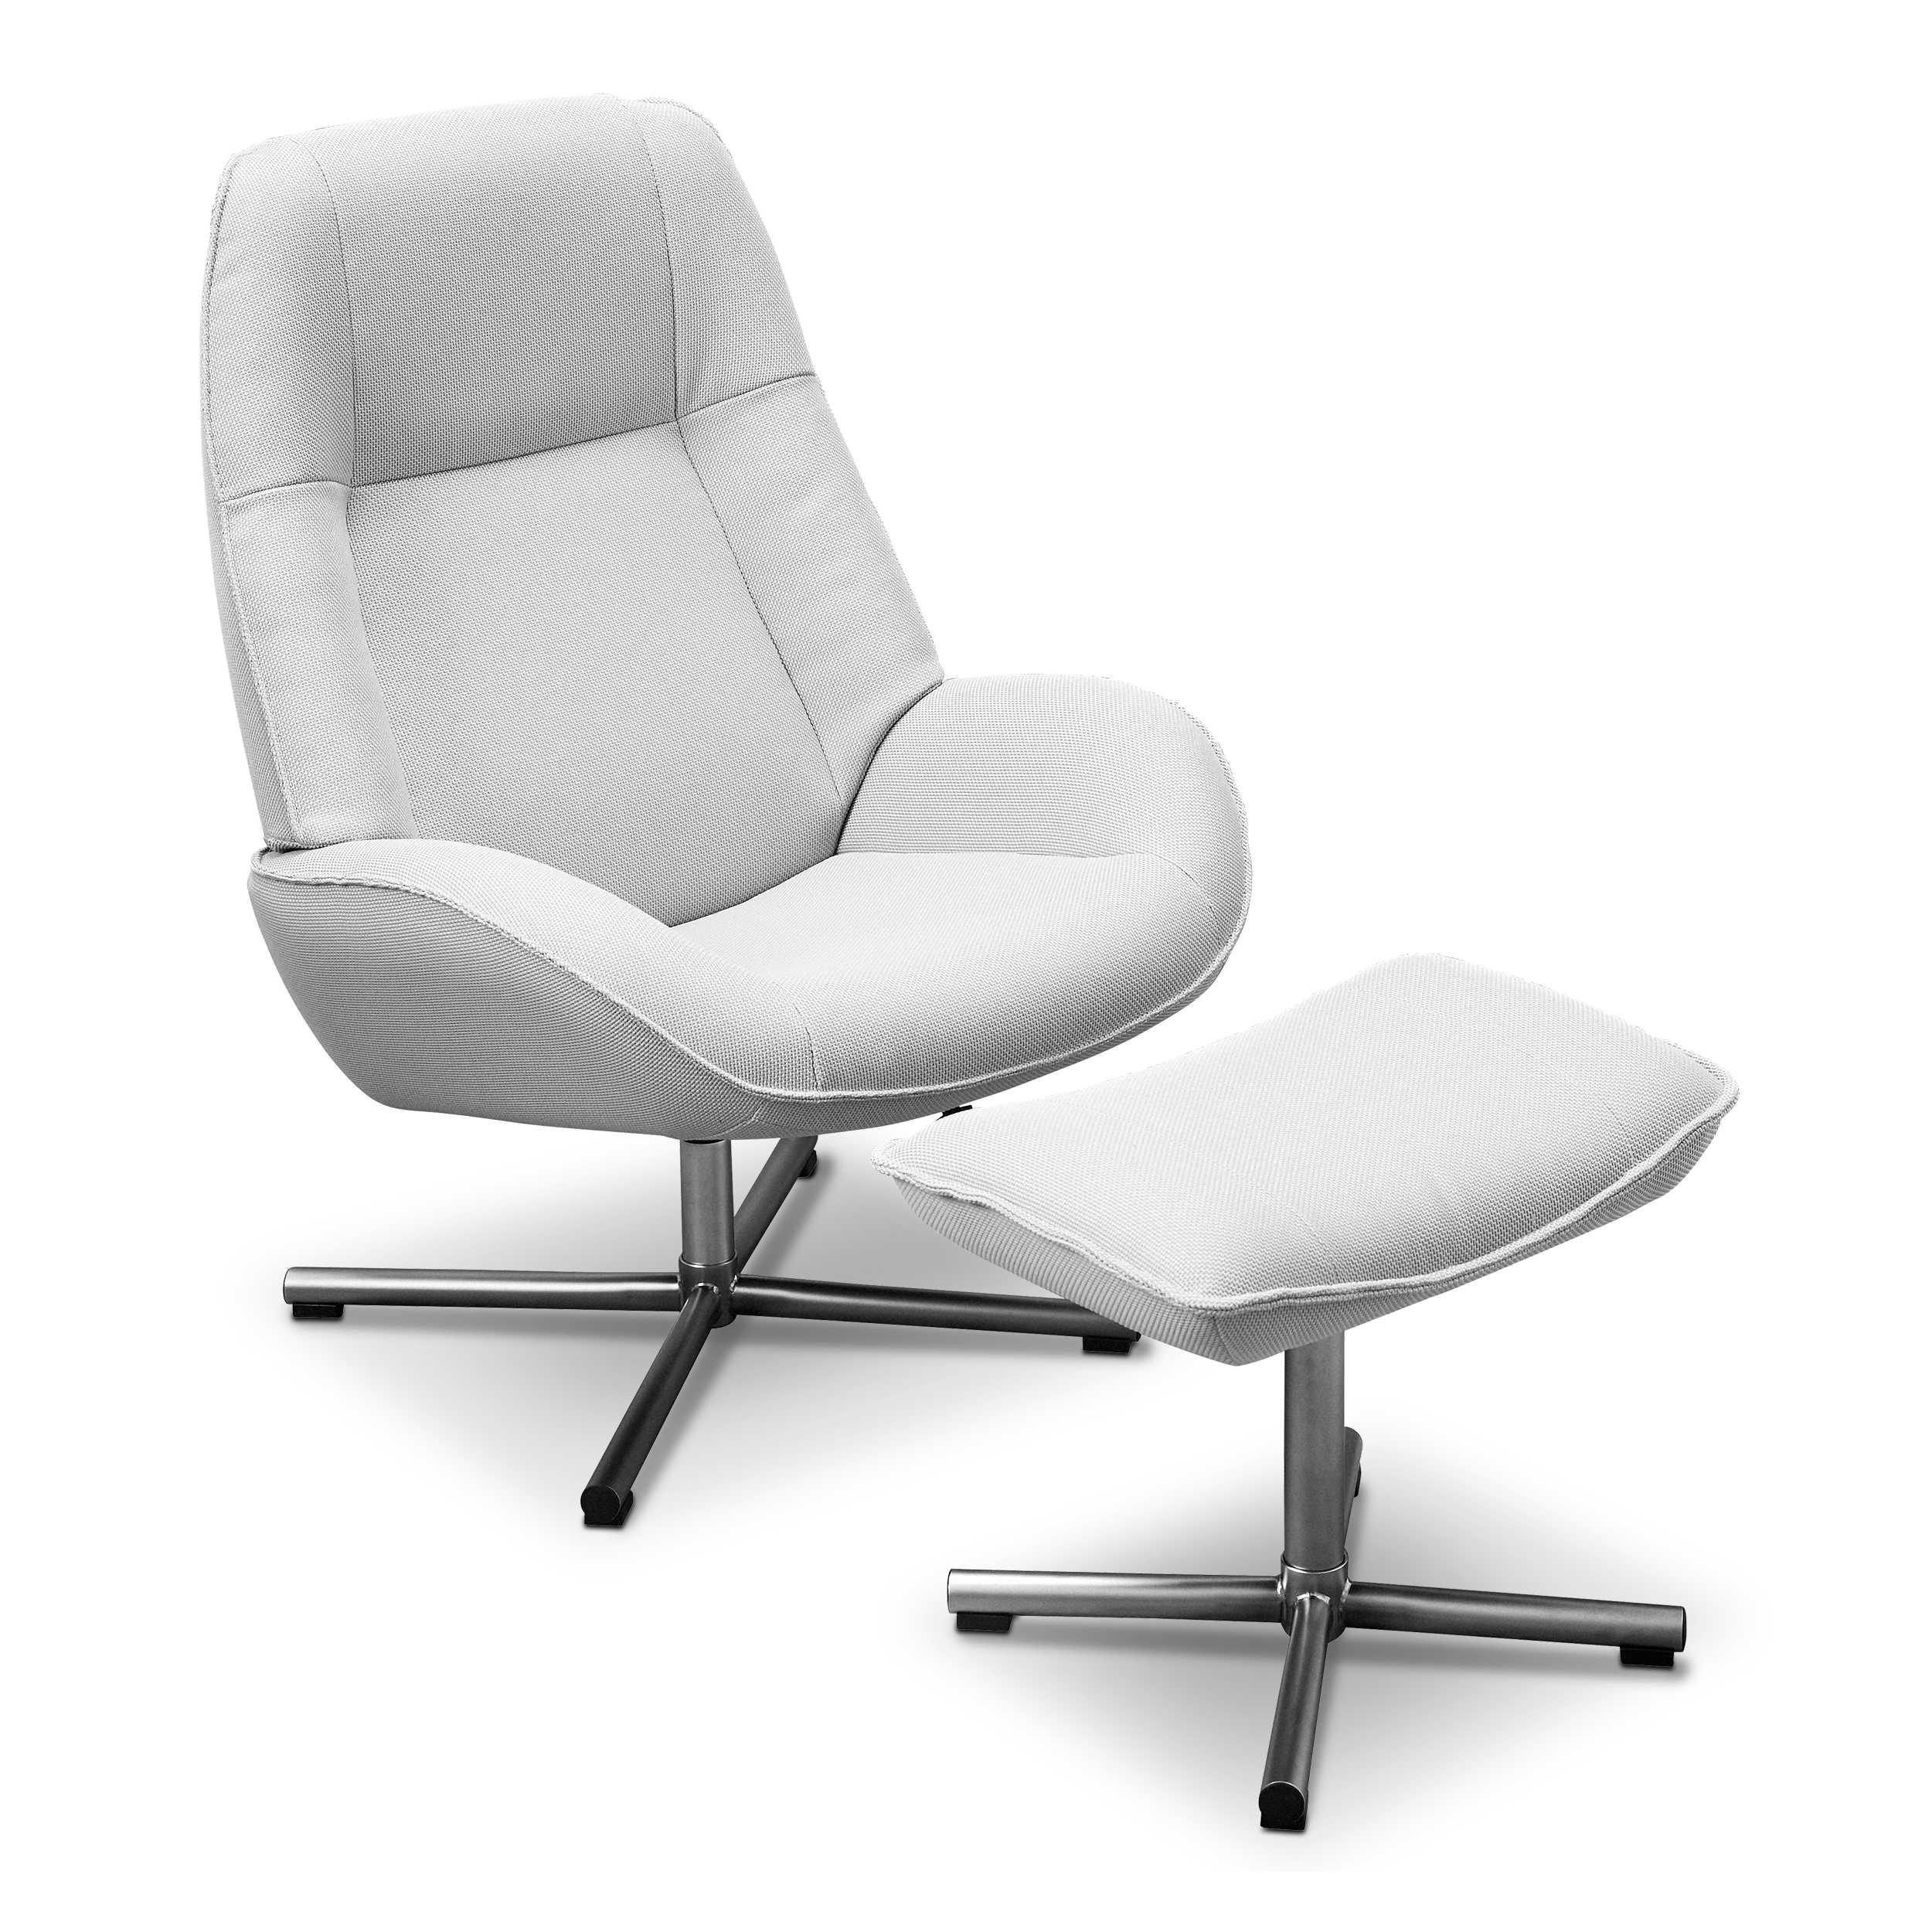 Kebe Sessel mit Hocker Roma Grau Stoff online kaufen bei WOONIO